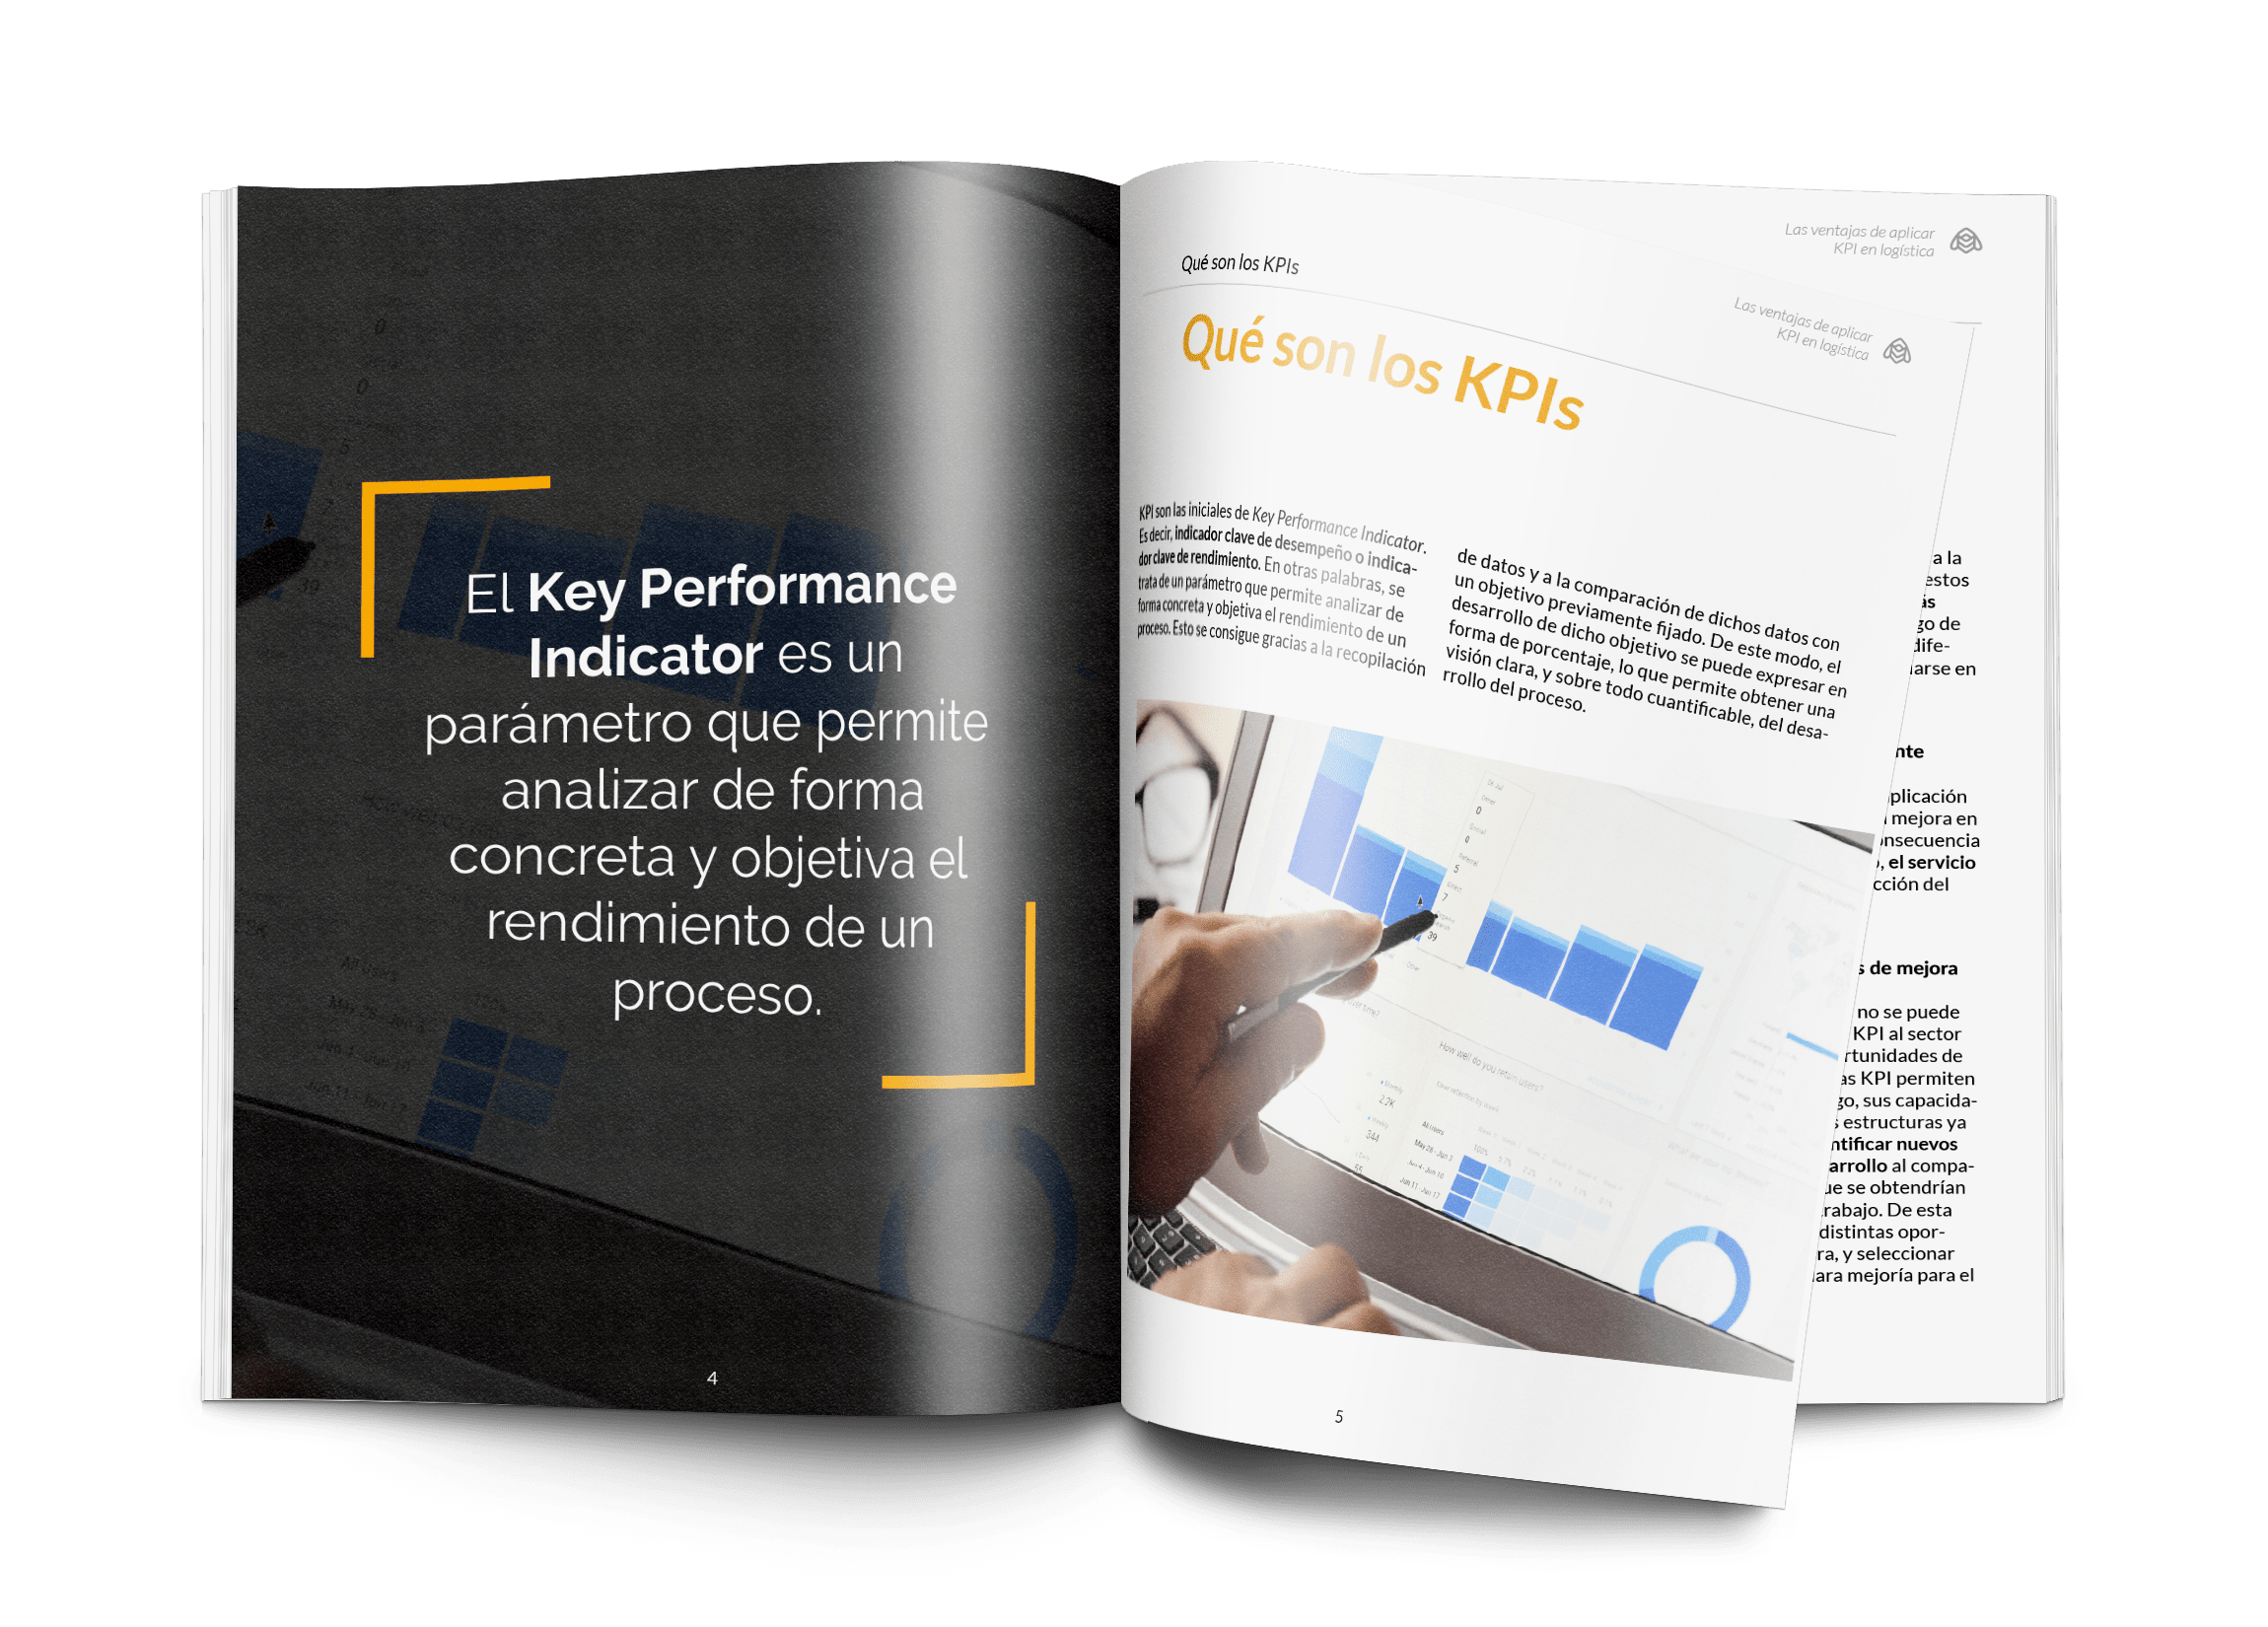 BEE - Ventajas de aplicar KPI en logística - Portada abierta (1)